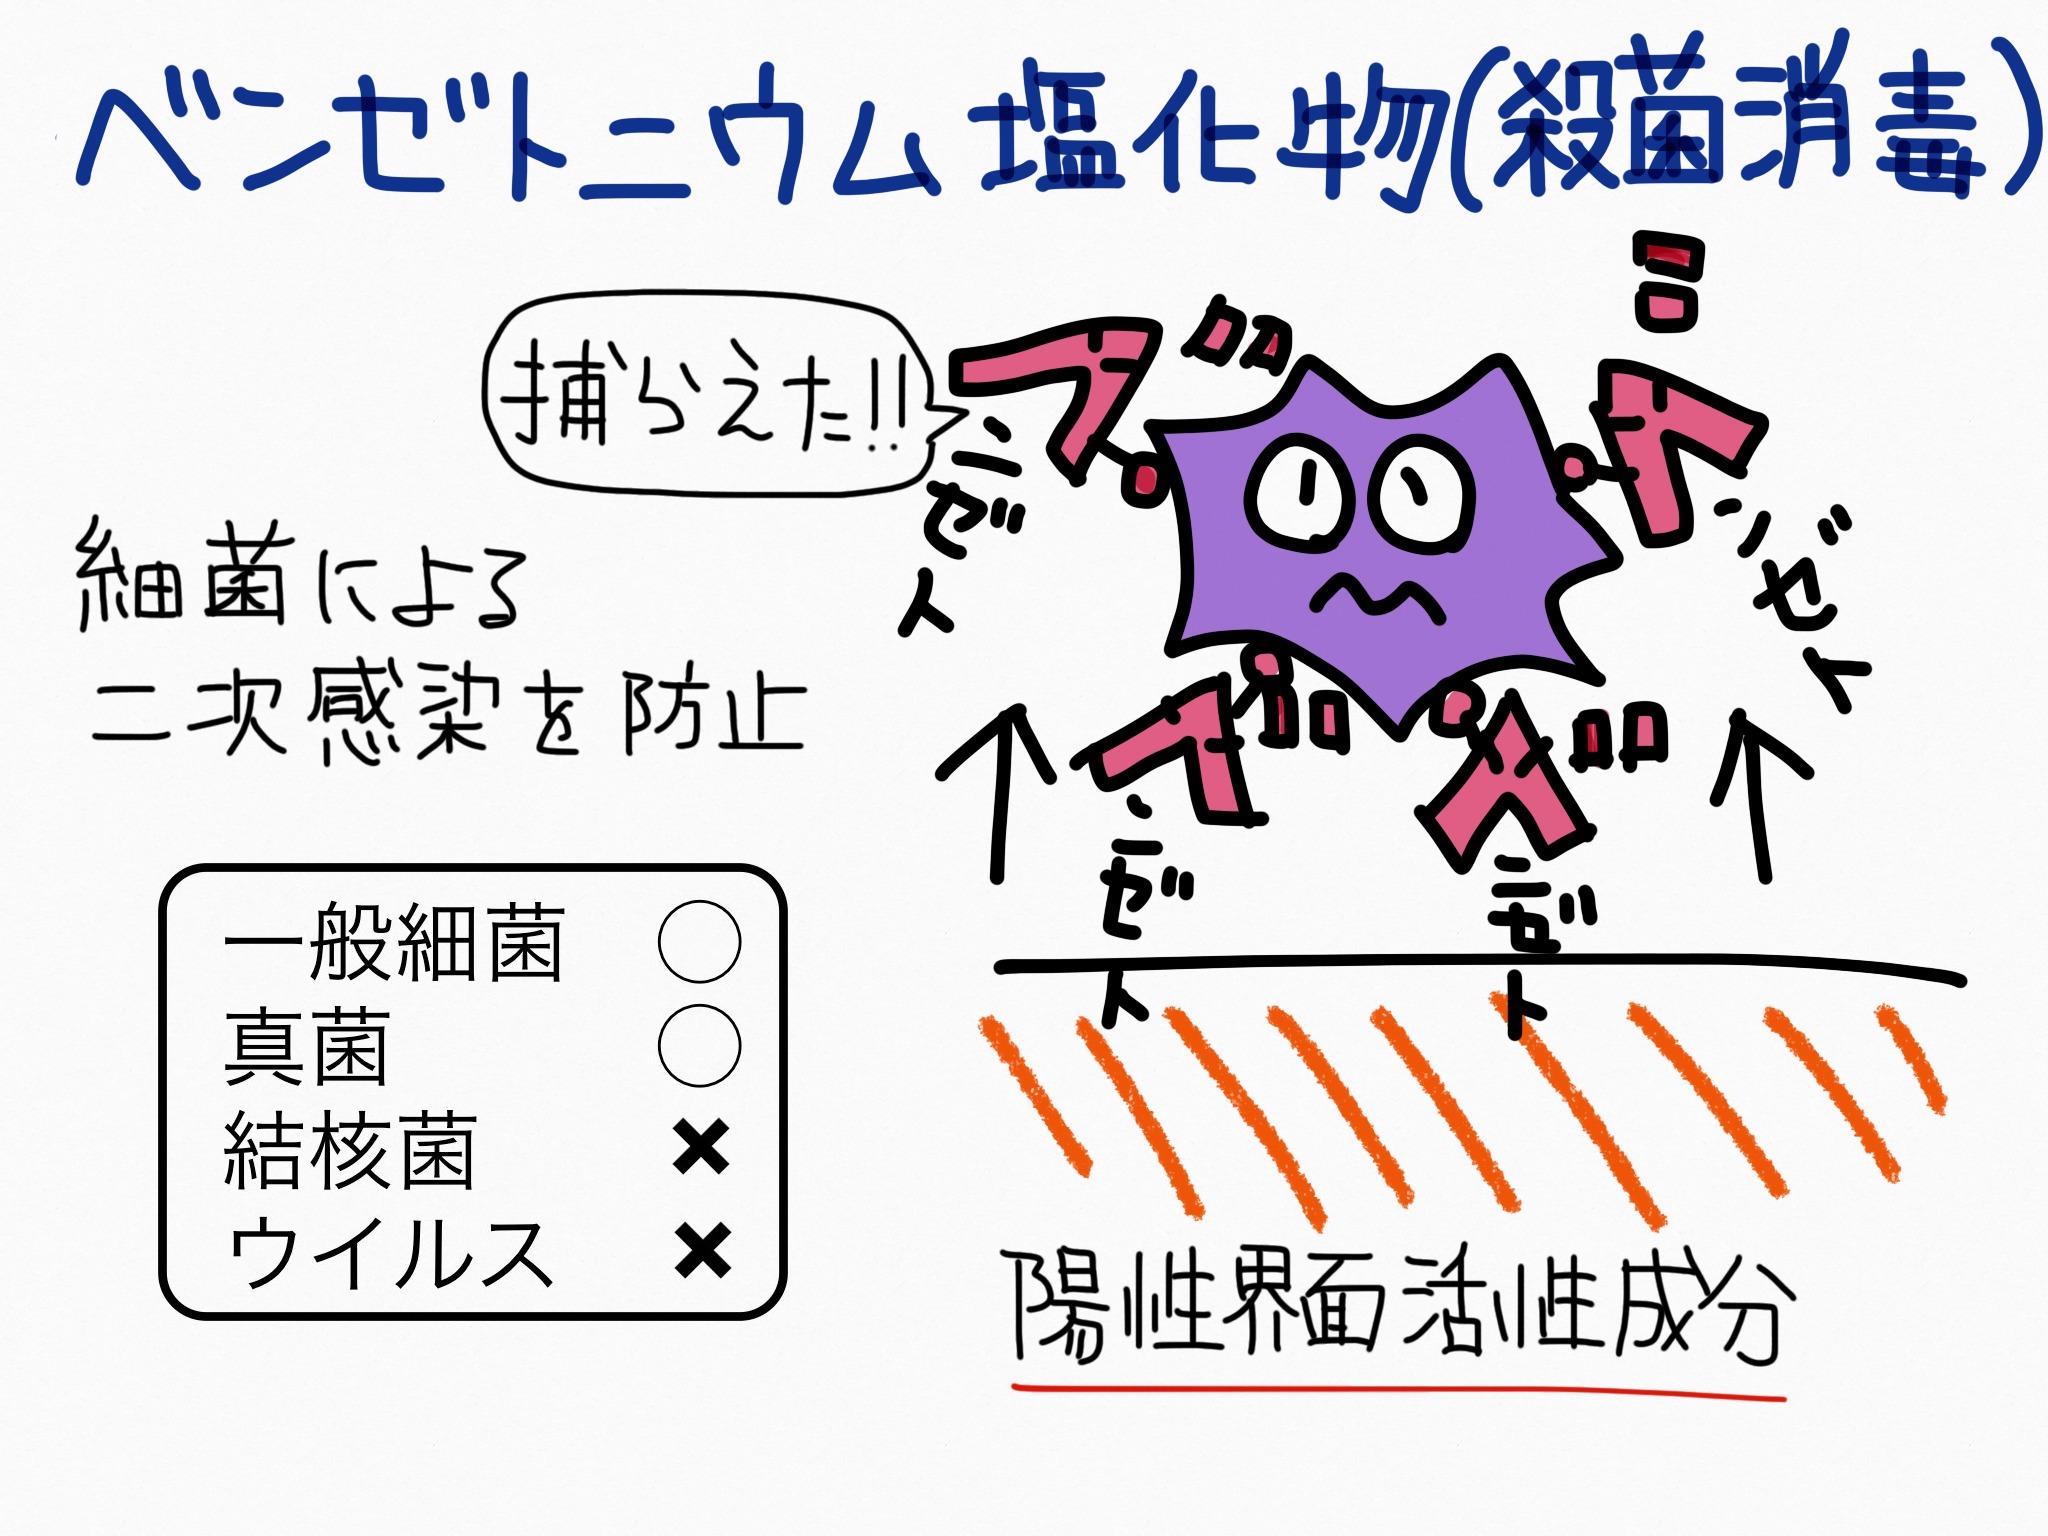 ベンゼトニウム塩化物・殺菌消毒成分の覚え方